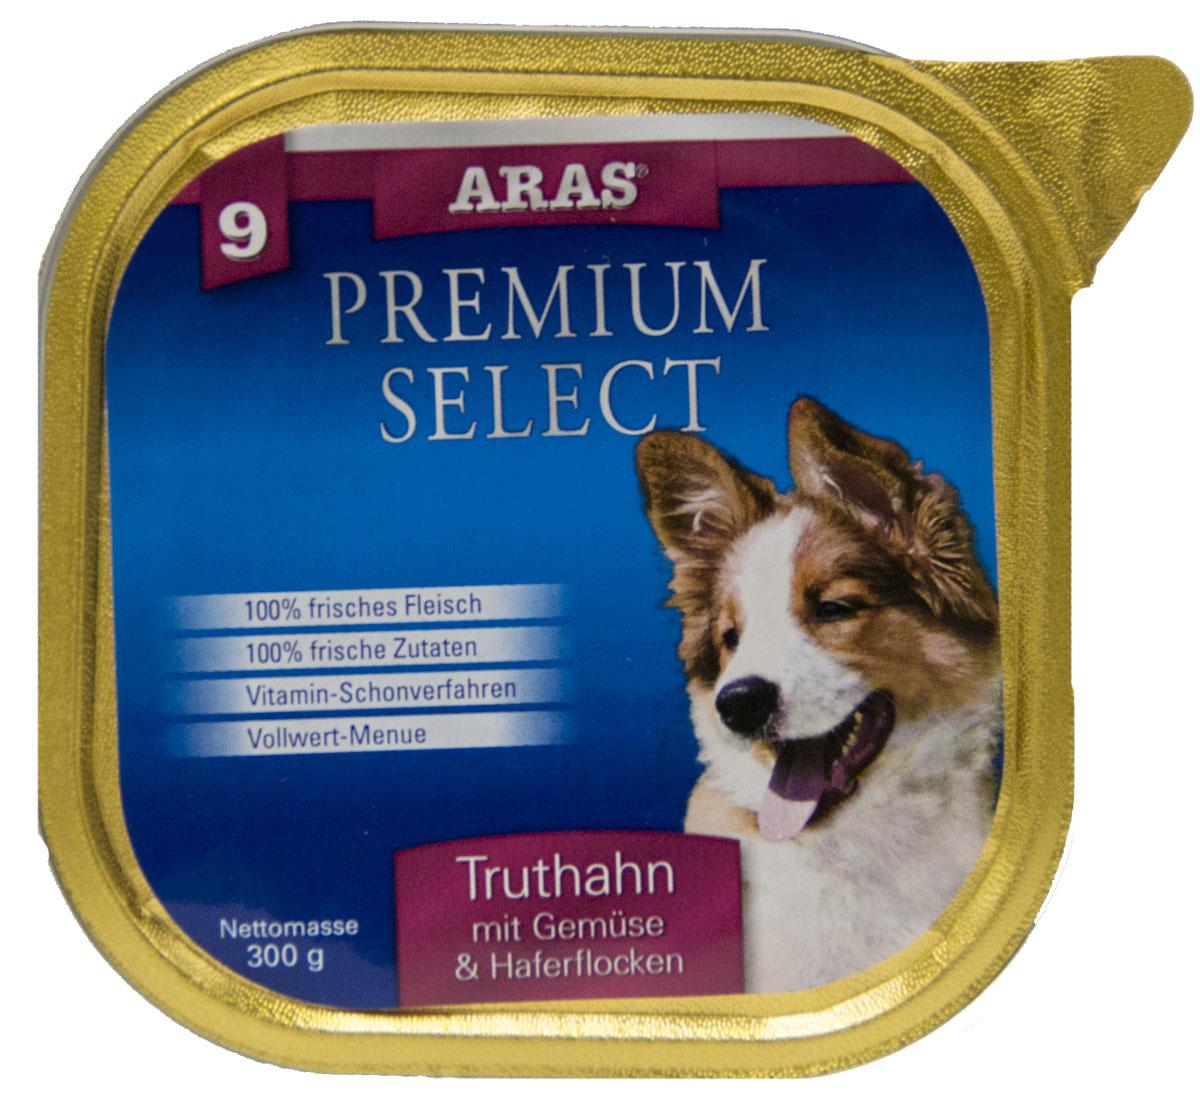 Консервы Aras Premium Select, для собак, с индейкой, овощами и овсяными хлопьями, 195 г101209Повседневный консервированный корм для собак всех пород и всех возрастов. Корм произведен в Германии из продуктов, пригодных в пищу человека по специальной технологии схожей с технологией Sous Vide. Благодаря уникальной технологии, схожей с технологий Souse Vide, при изготовлении сохраняются все натуральные витамины и минералы. Это достигается благодаря бережной обработке всех ингредиентов при температуре менее 80 градусов. Такая бережная обработка продуктов не стерилизует продуктовые компоненты. Благодаря этому корма не нуждаются ни в каких дополнительных вкусовых добавках и сохраняют все необходимые полезные вещества. При производстве кормов используются исключительно свежие натуральные продукты: мясо, овощи и зерновые; Приготовлено из 100% свежего мяса, пригодного в пищу человеку; Содержит натуральные витамины, аминокислоты, минеральные вещества и микроэлементы; С экстрактом масла зародышей зерна пшеницы холодного отжима (Bio-Dura); Без химических...